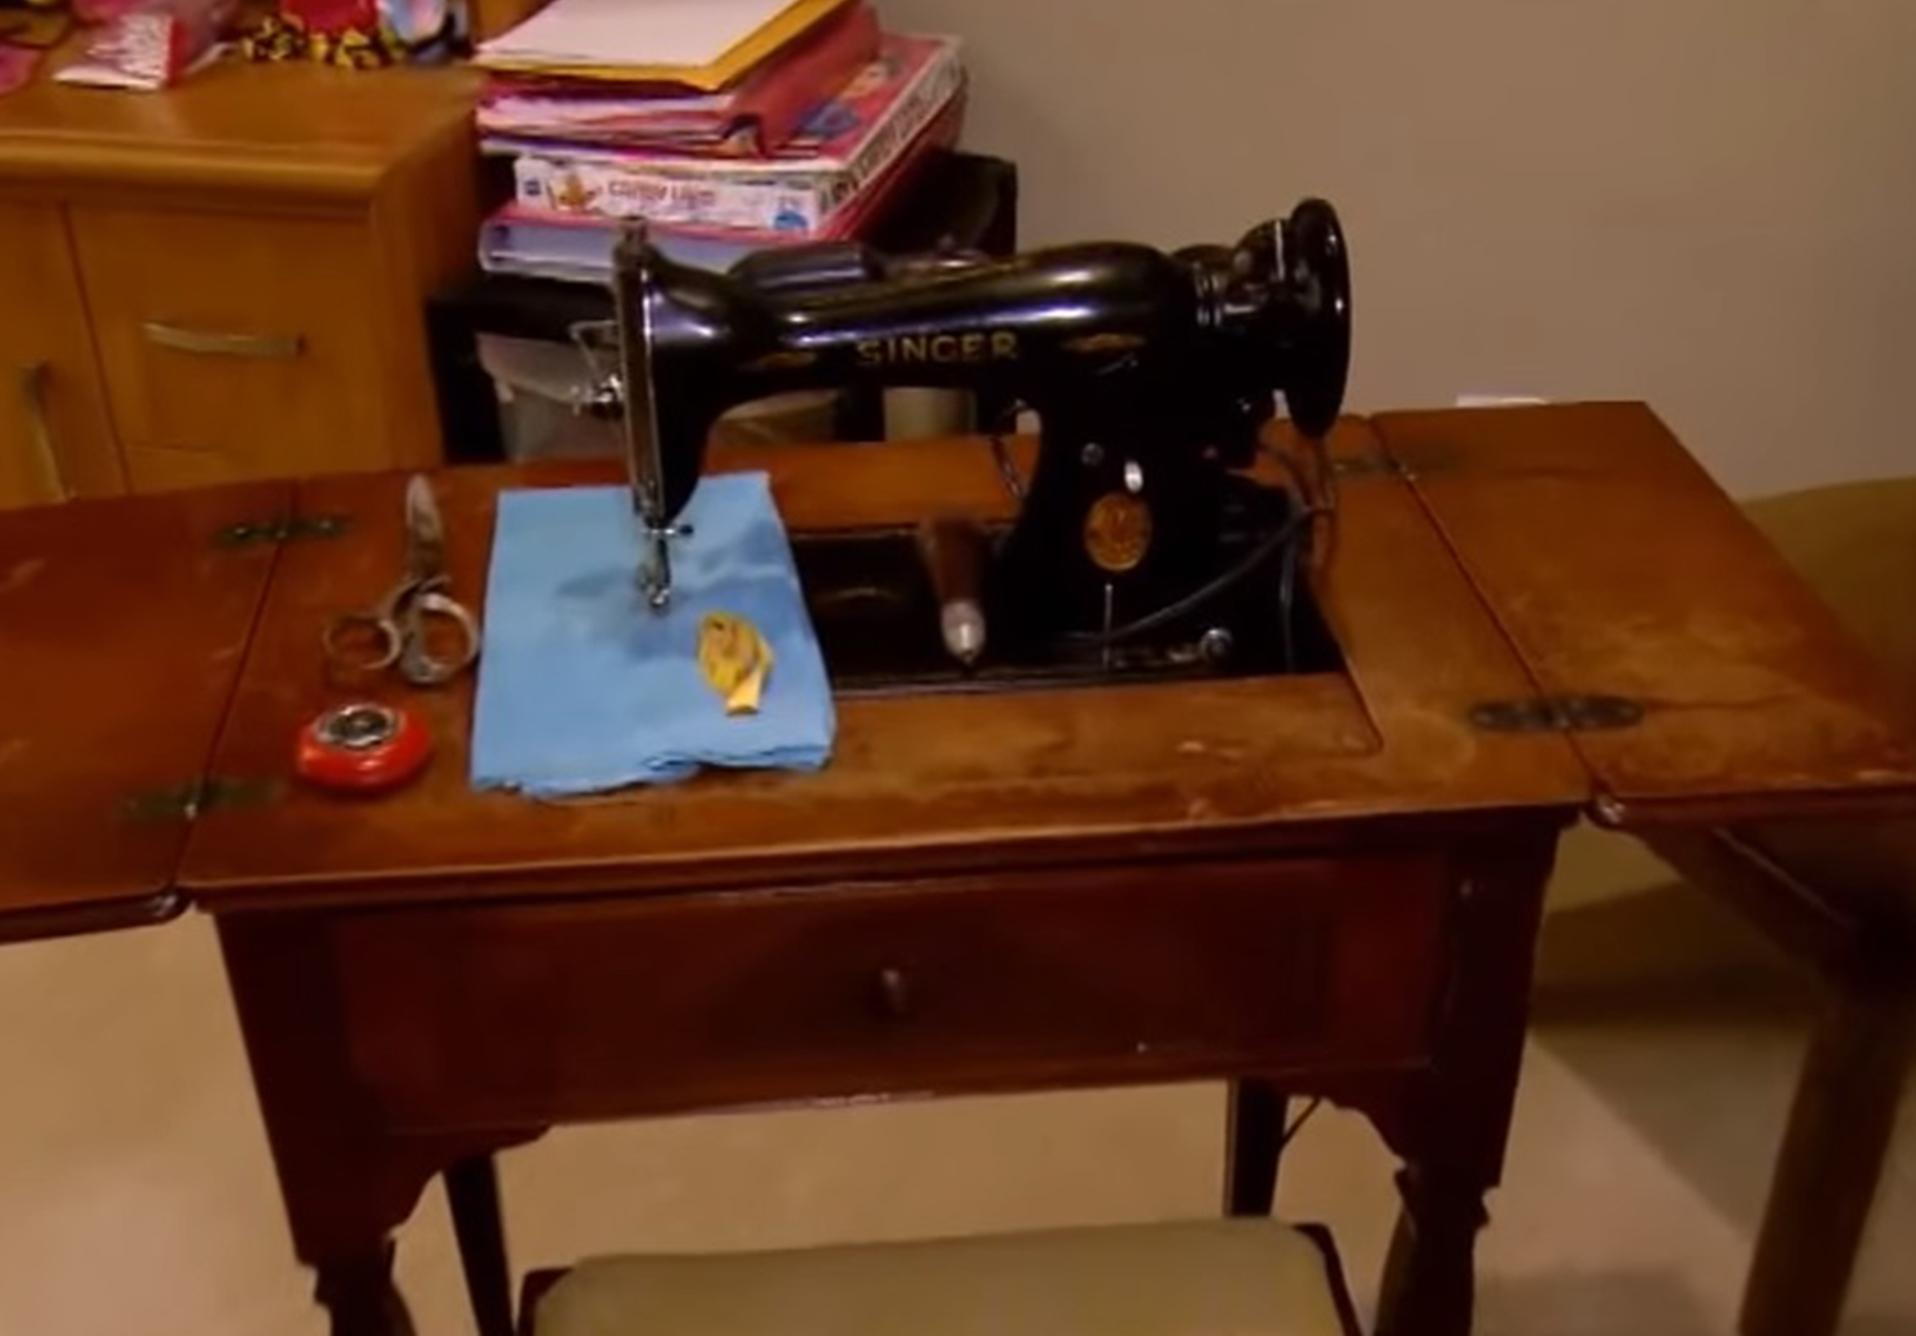 30 millones de dólares debajo de la máquina de coser